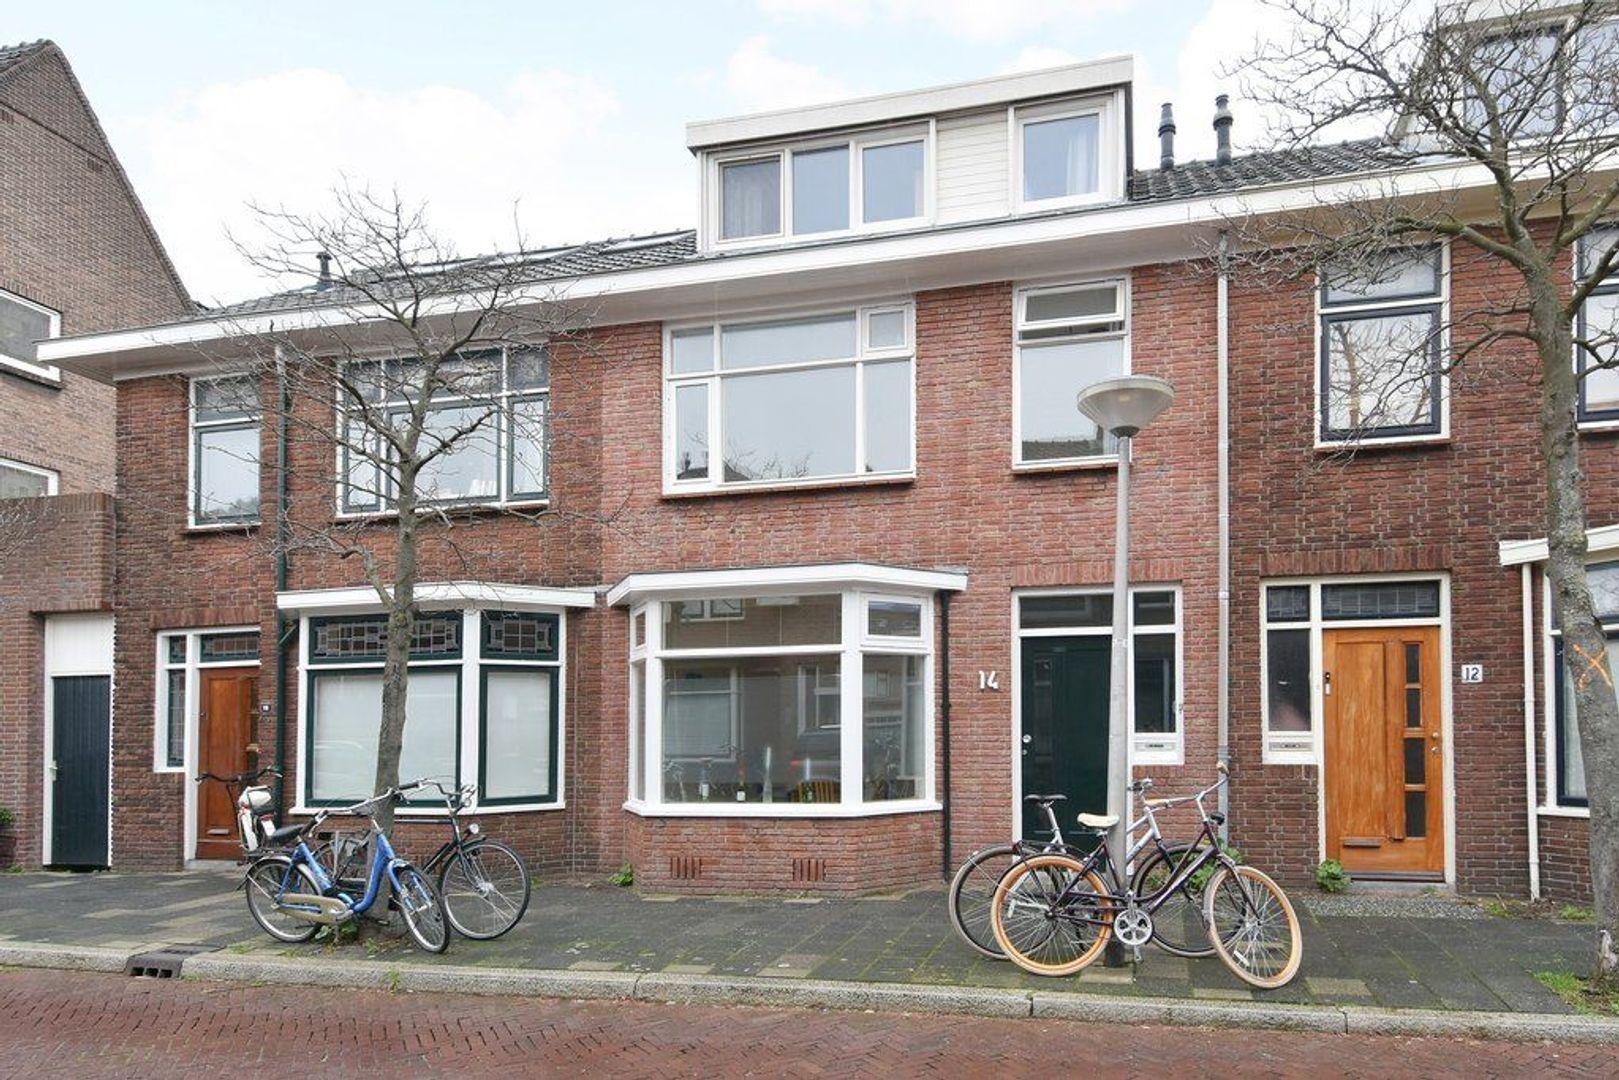 Van der Brugghenstraat 14, Delft foto-0